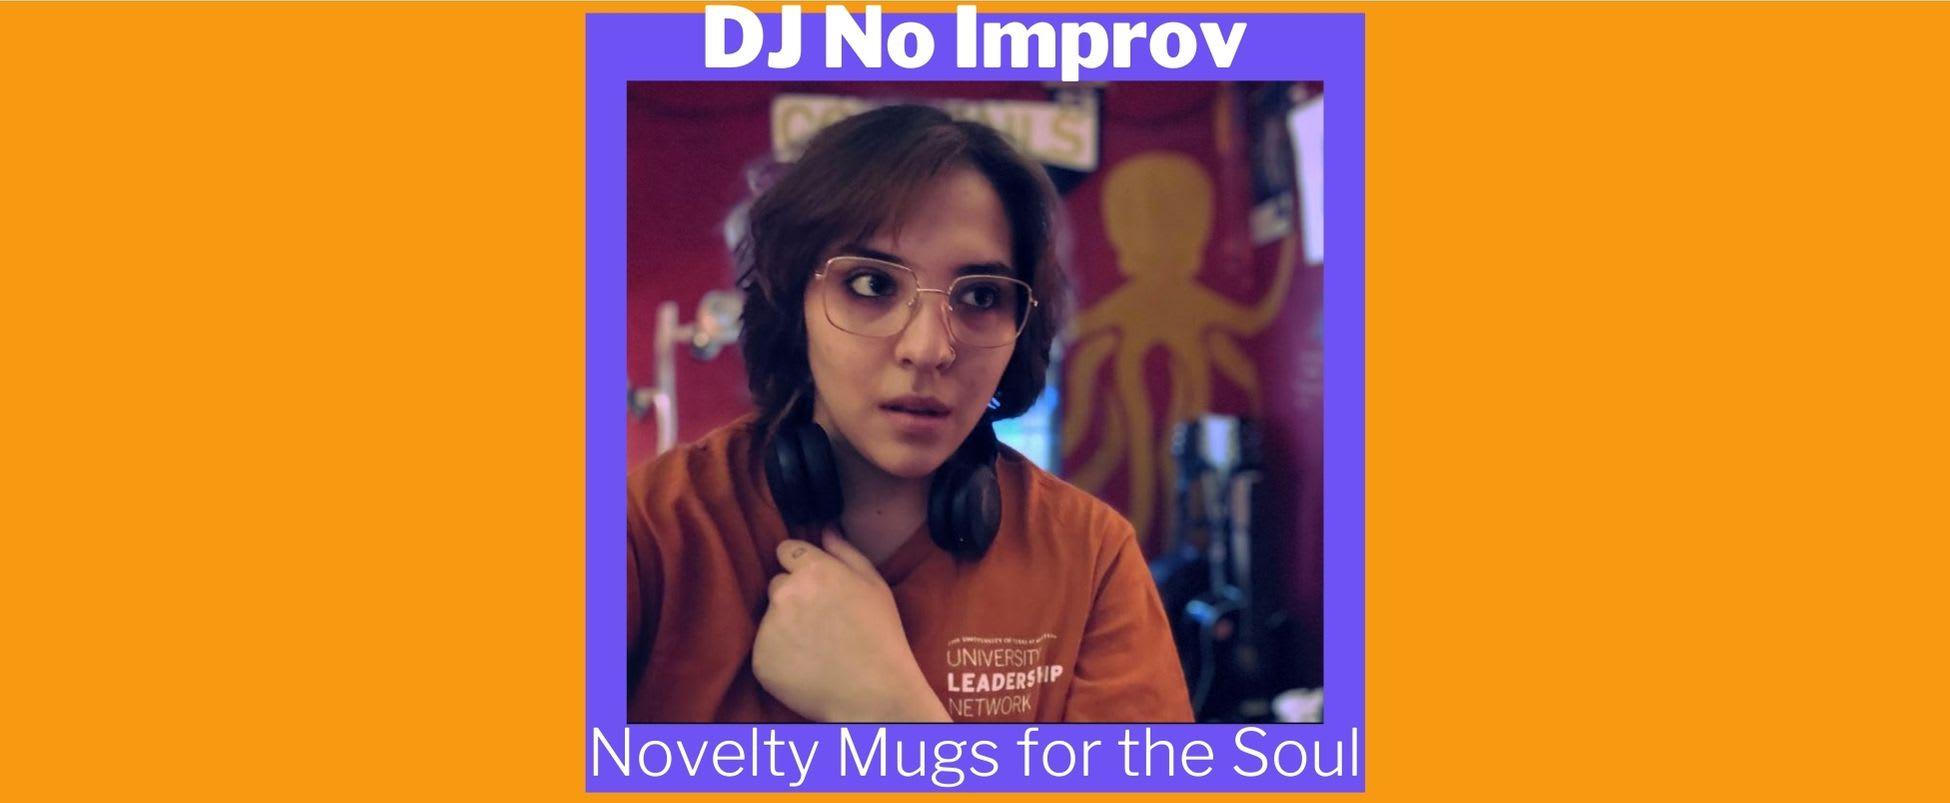 Show Spotlight: Novelty Mugs for the Soul with DJ No Improv